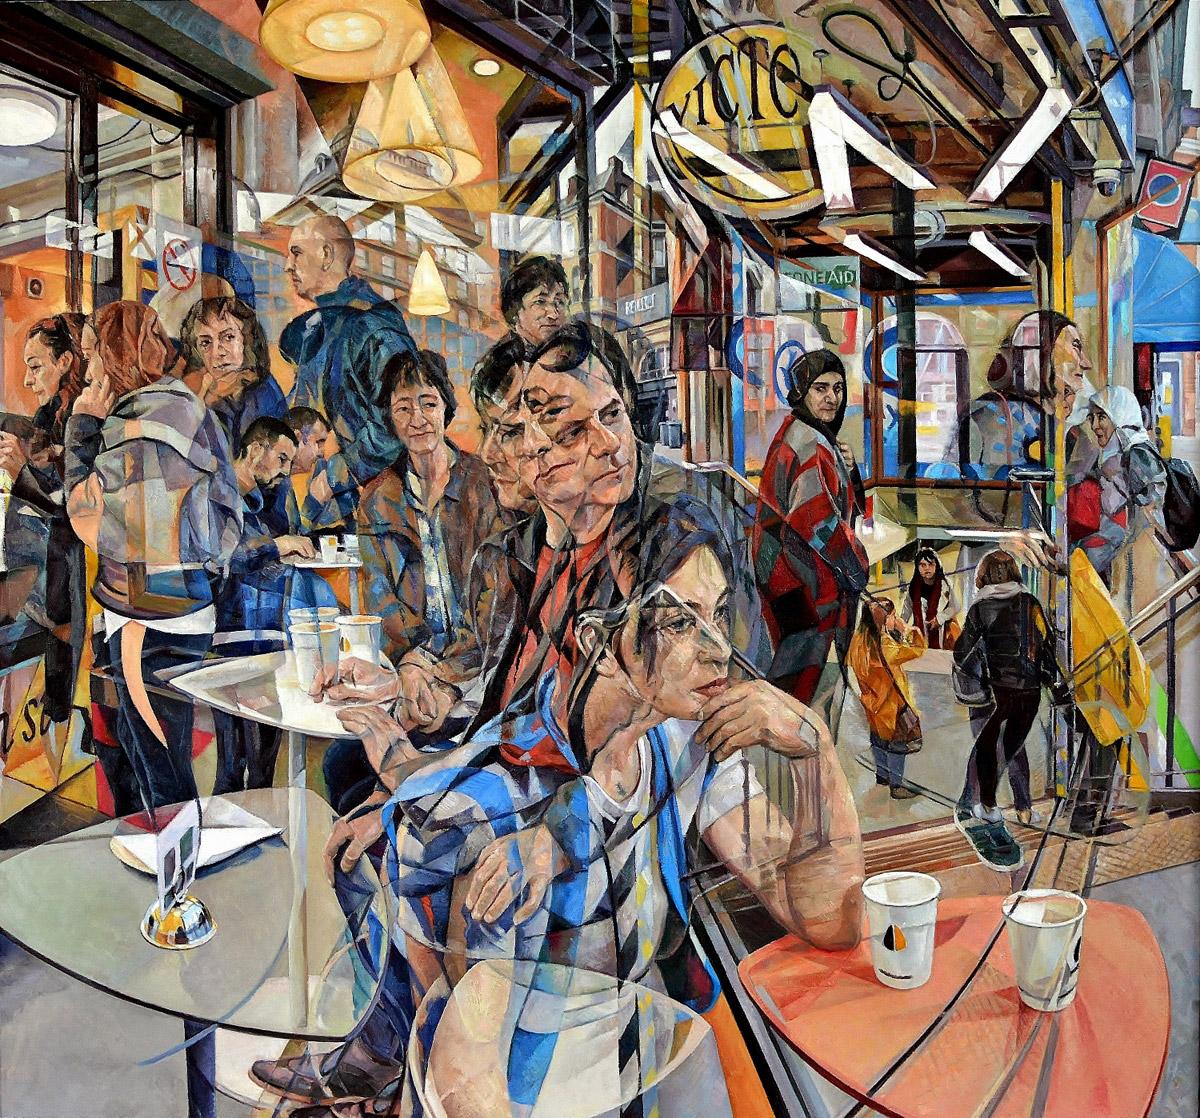 Pinturas abstractas al óleo por Clive Head